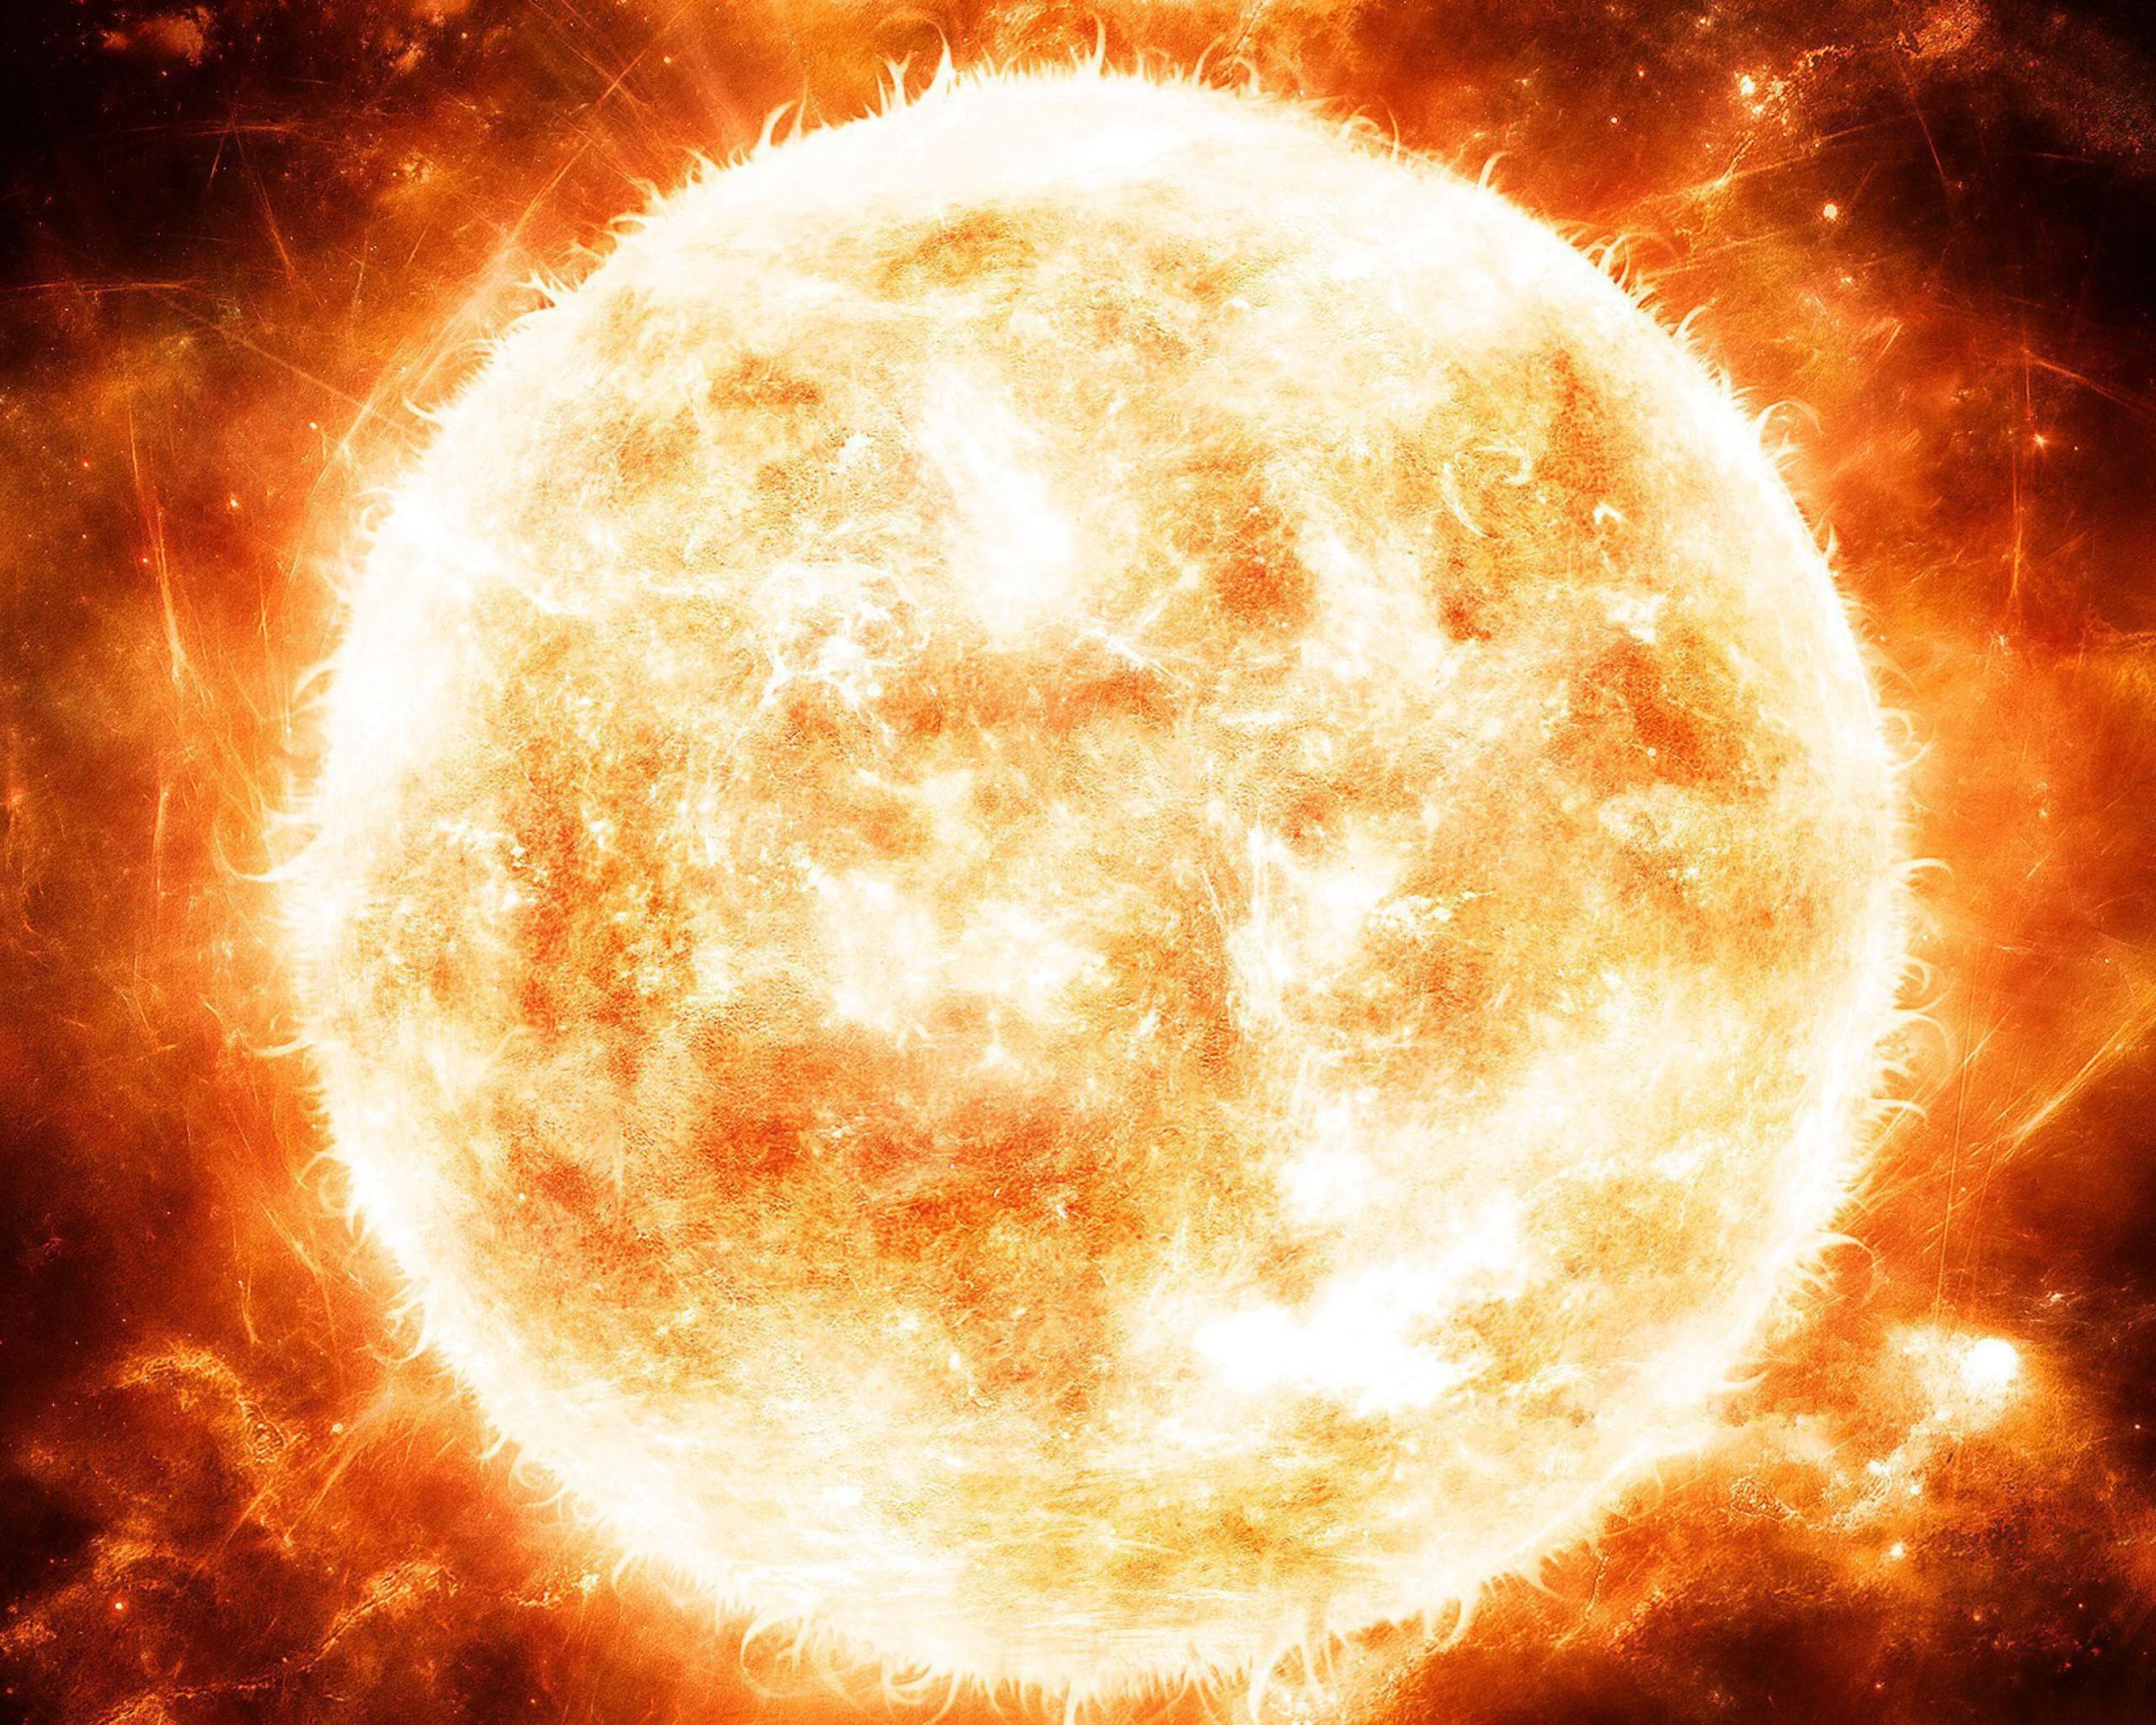 Можно сдвинуть солнце?